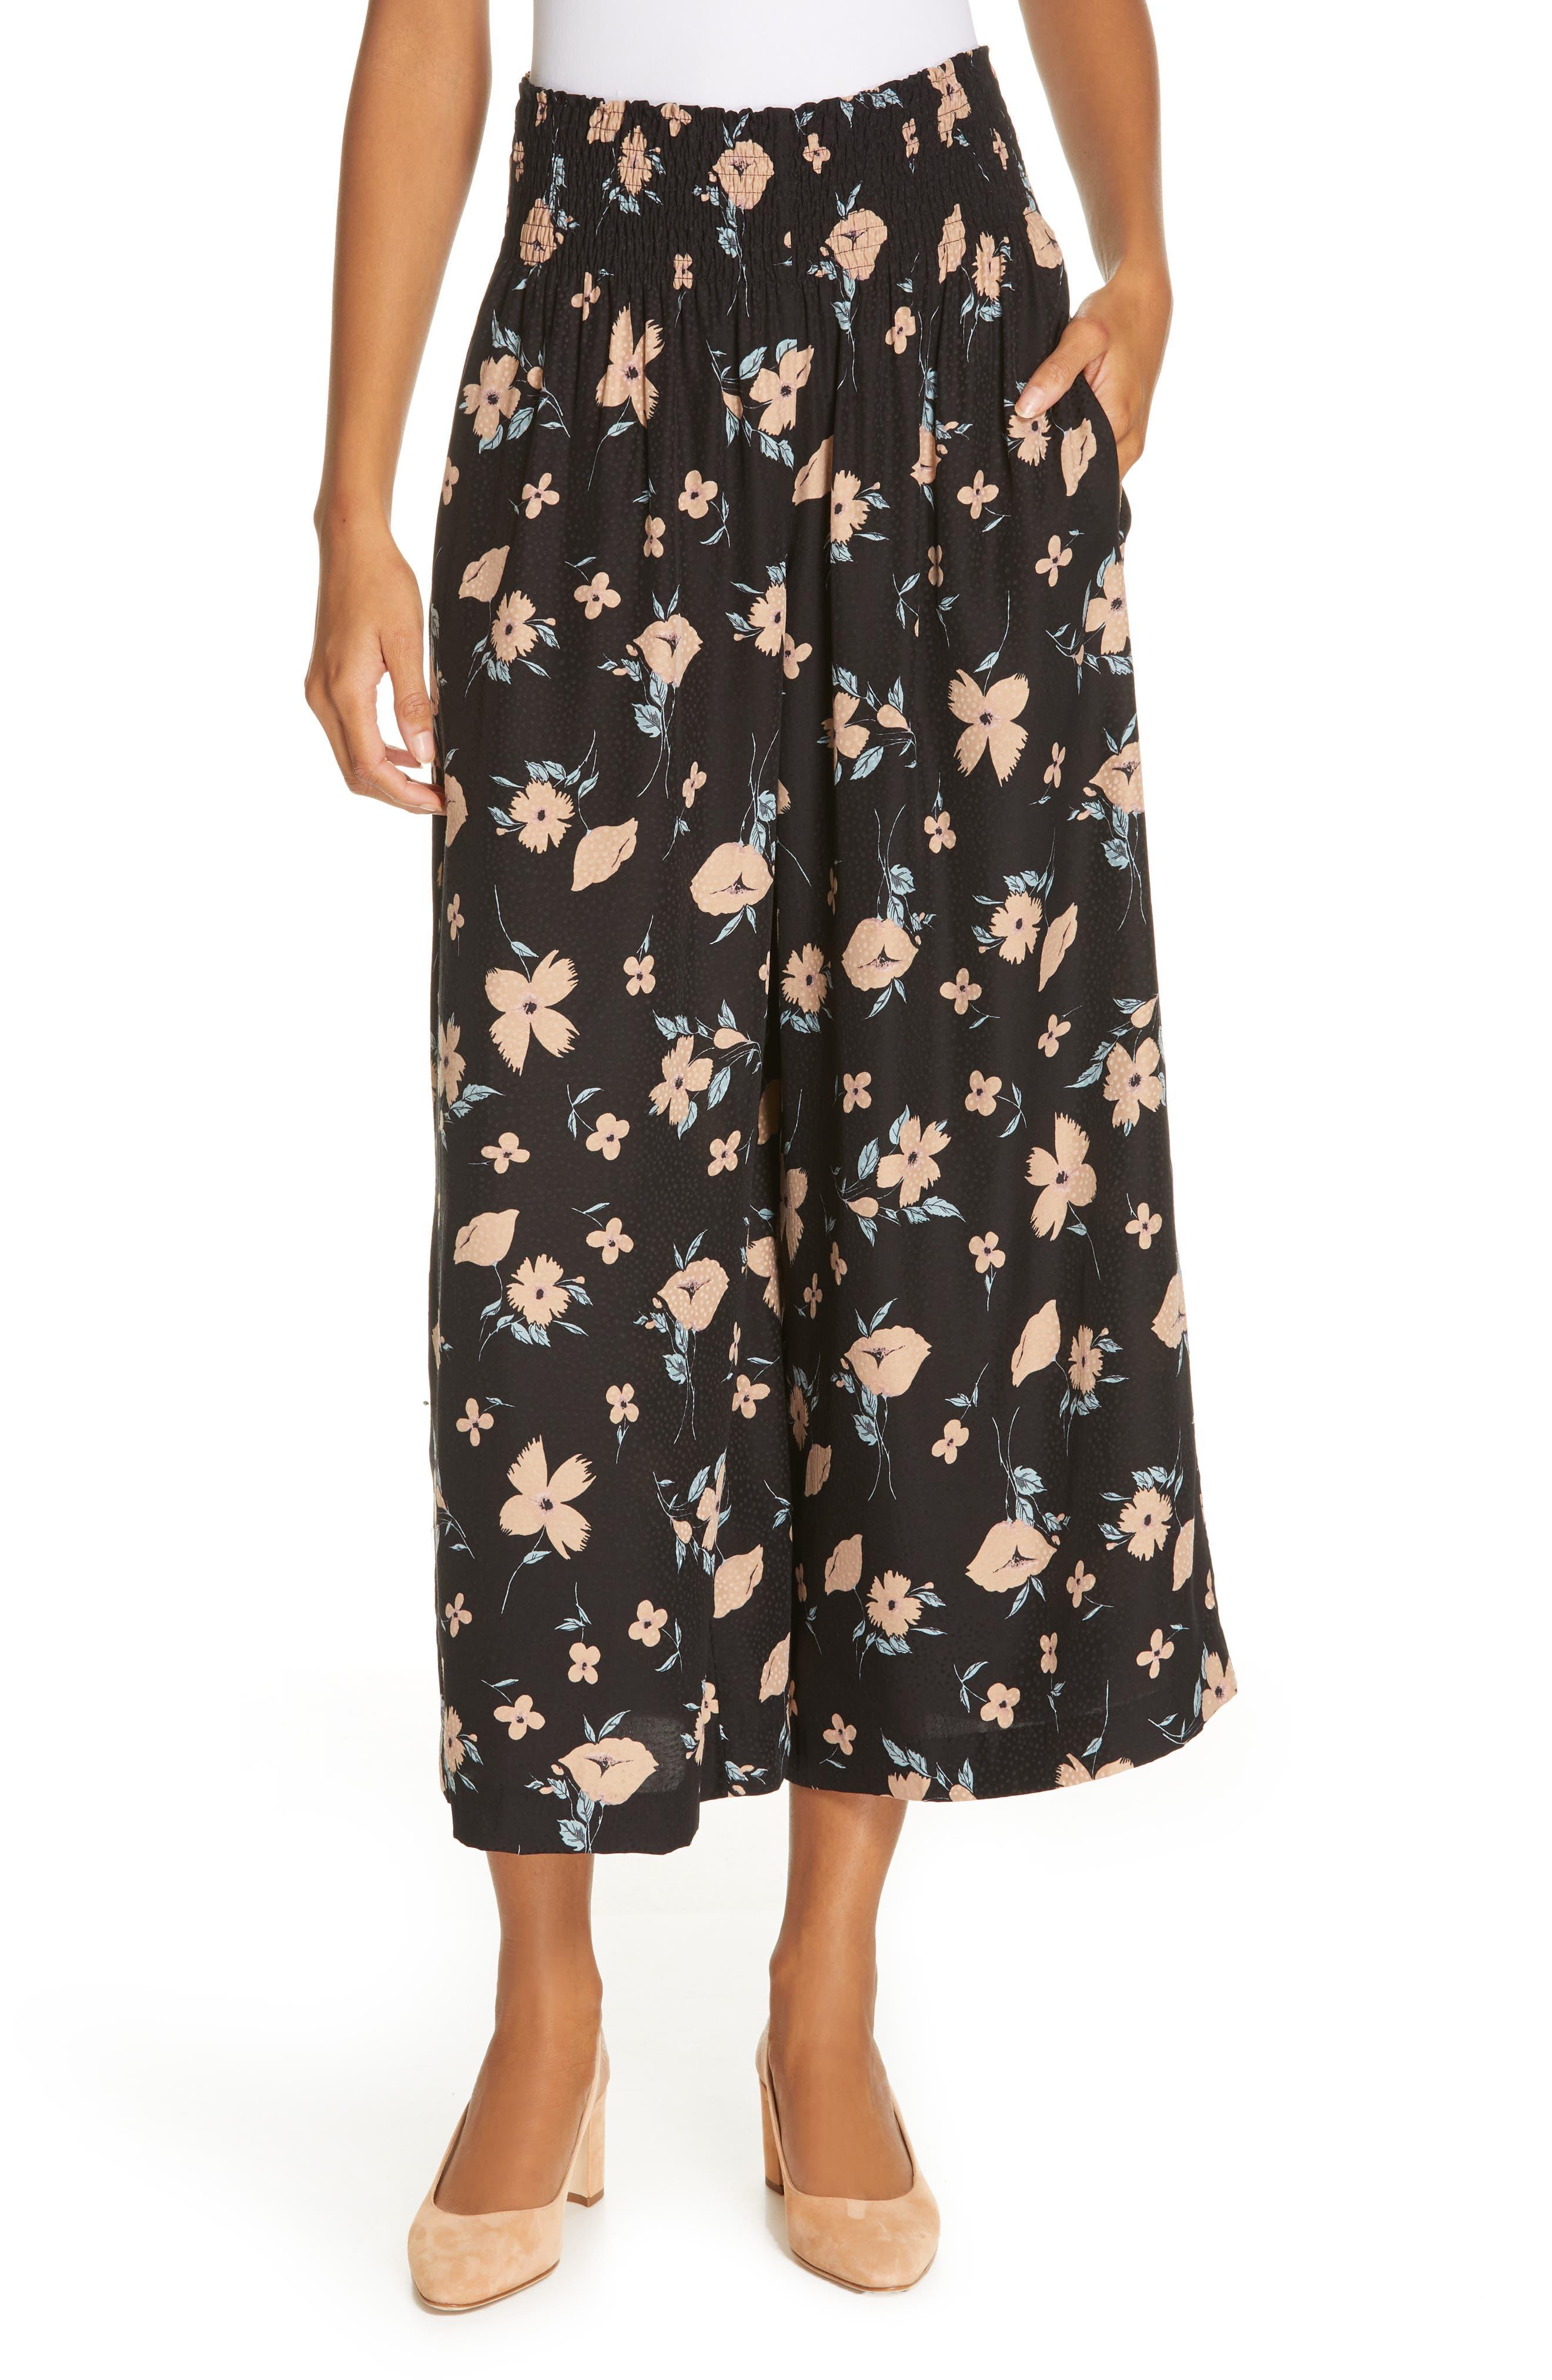 REBECCA TAYLOR Daniella Smocked Pants, Main, color, BLACK COMBO